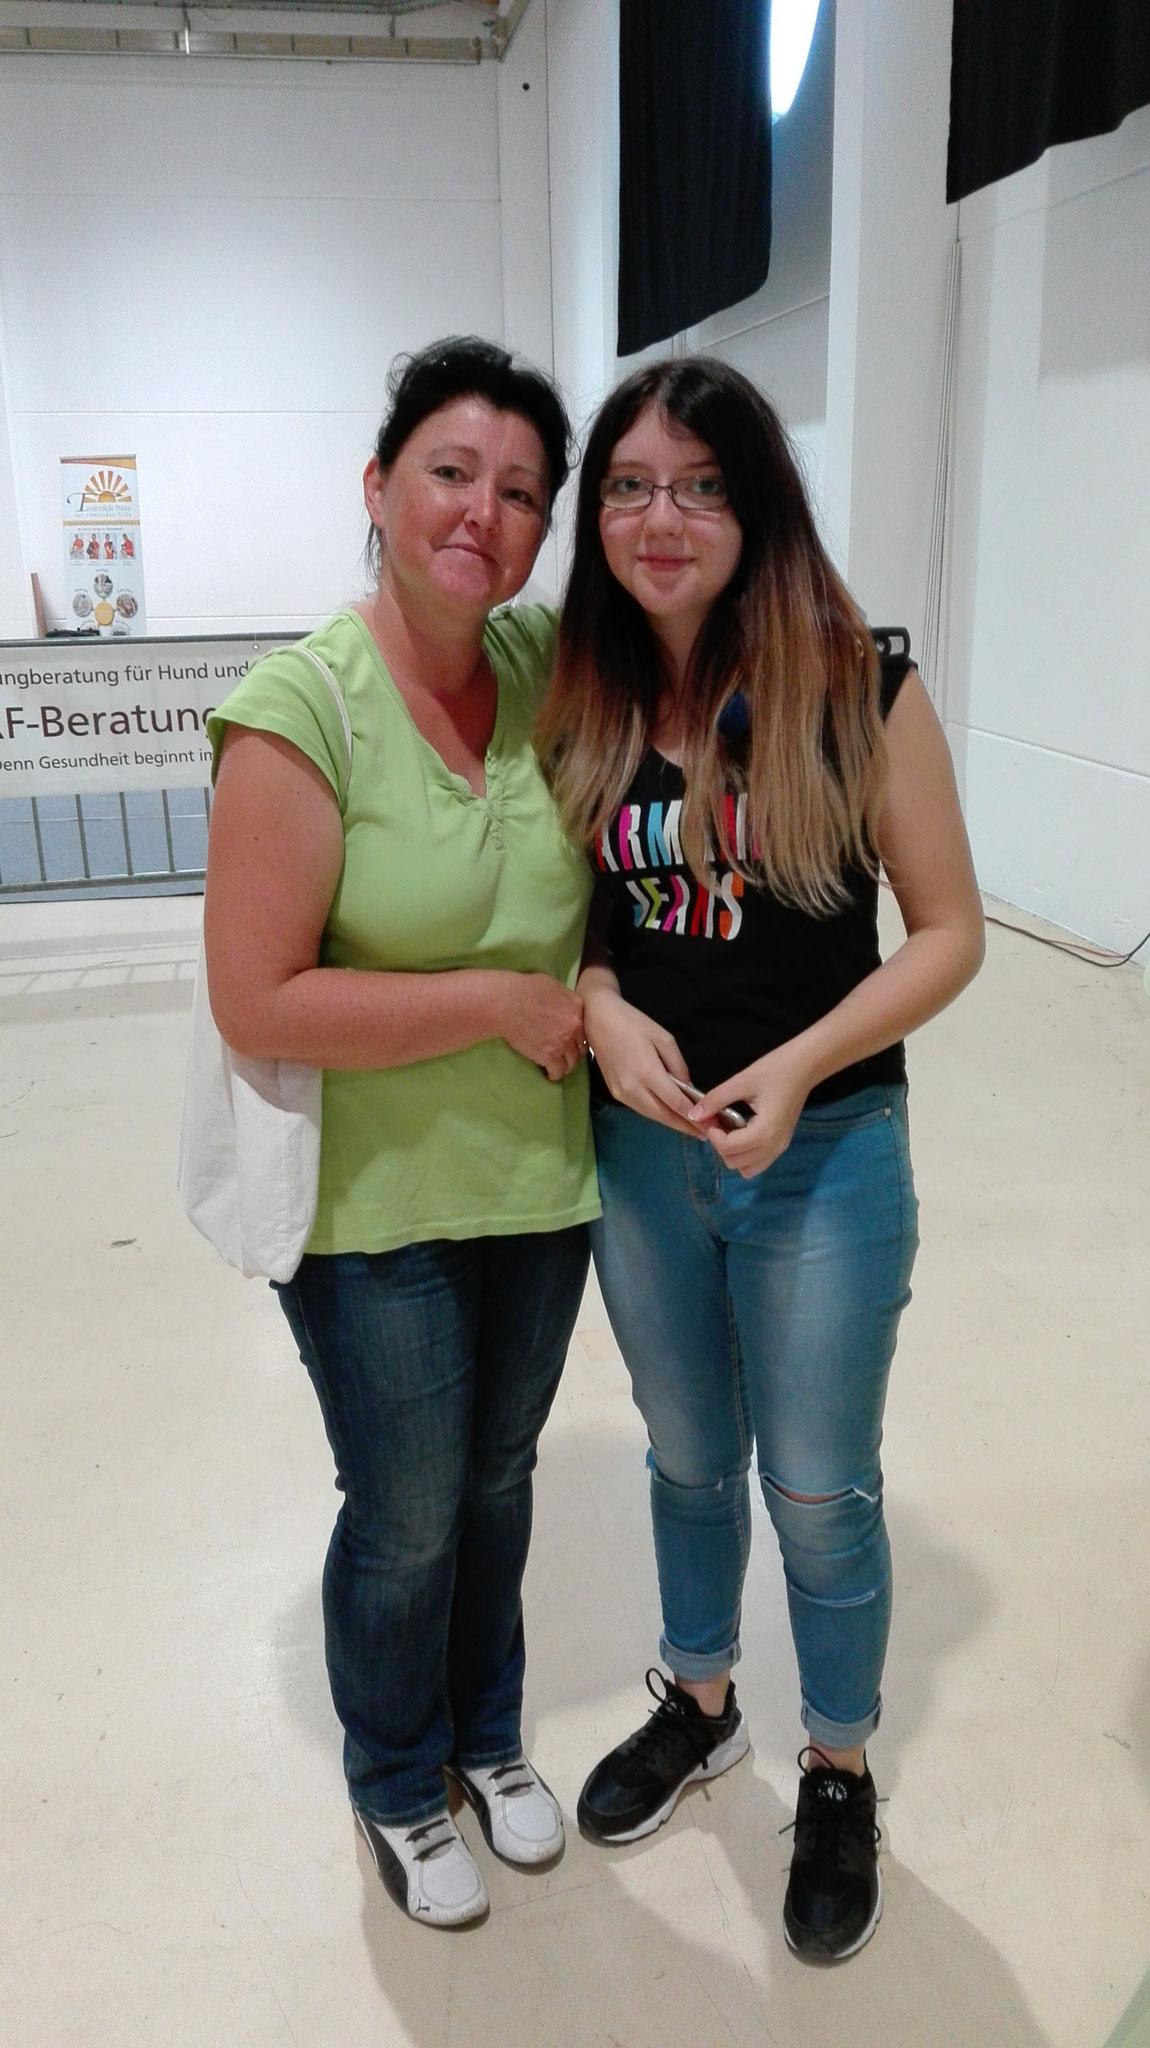 Bianca Maratzki mit Laura Maratzki, die fleißig Flyer verteilt hat